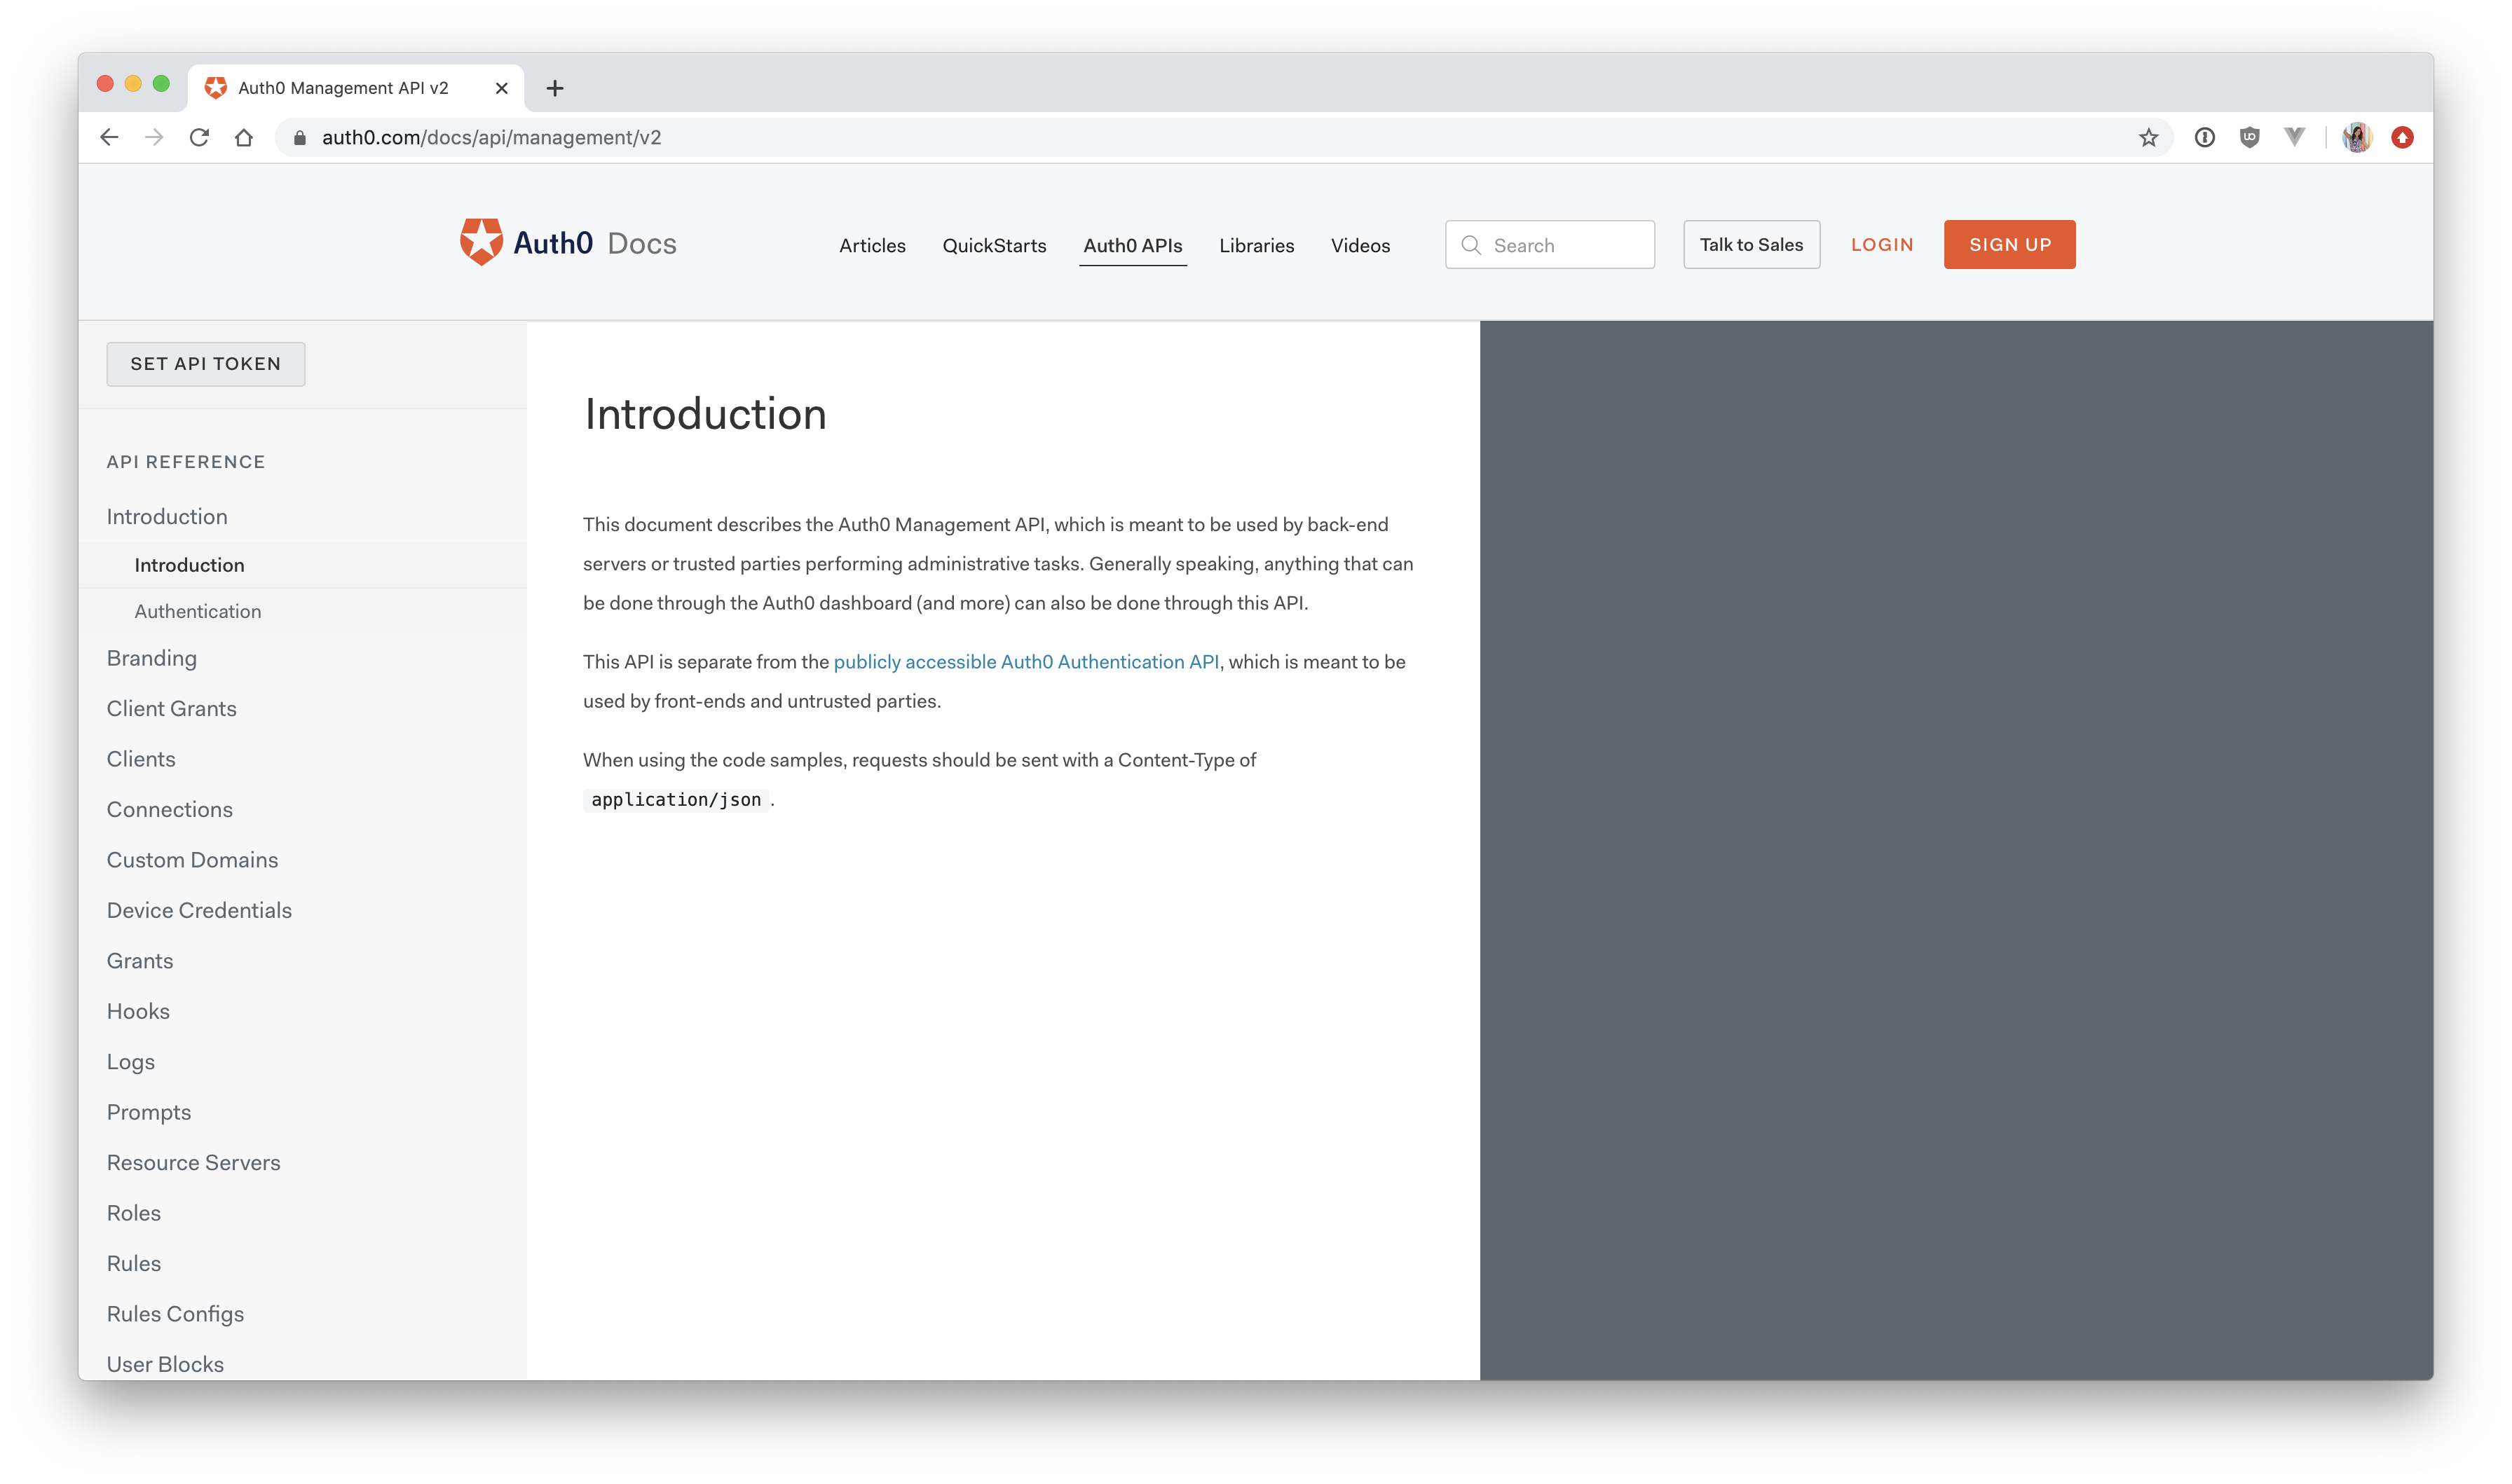 Auth0 Management API explorer